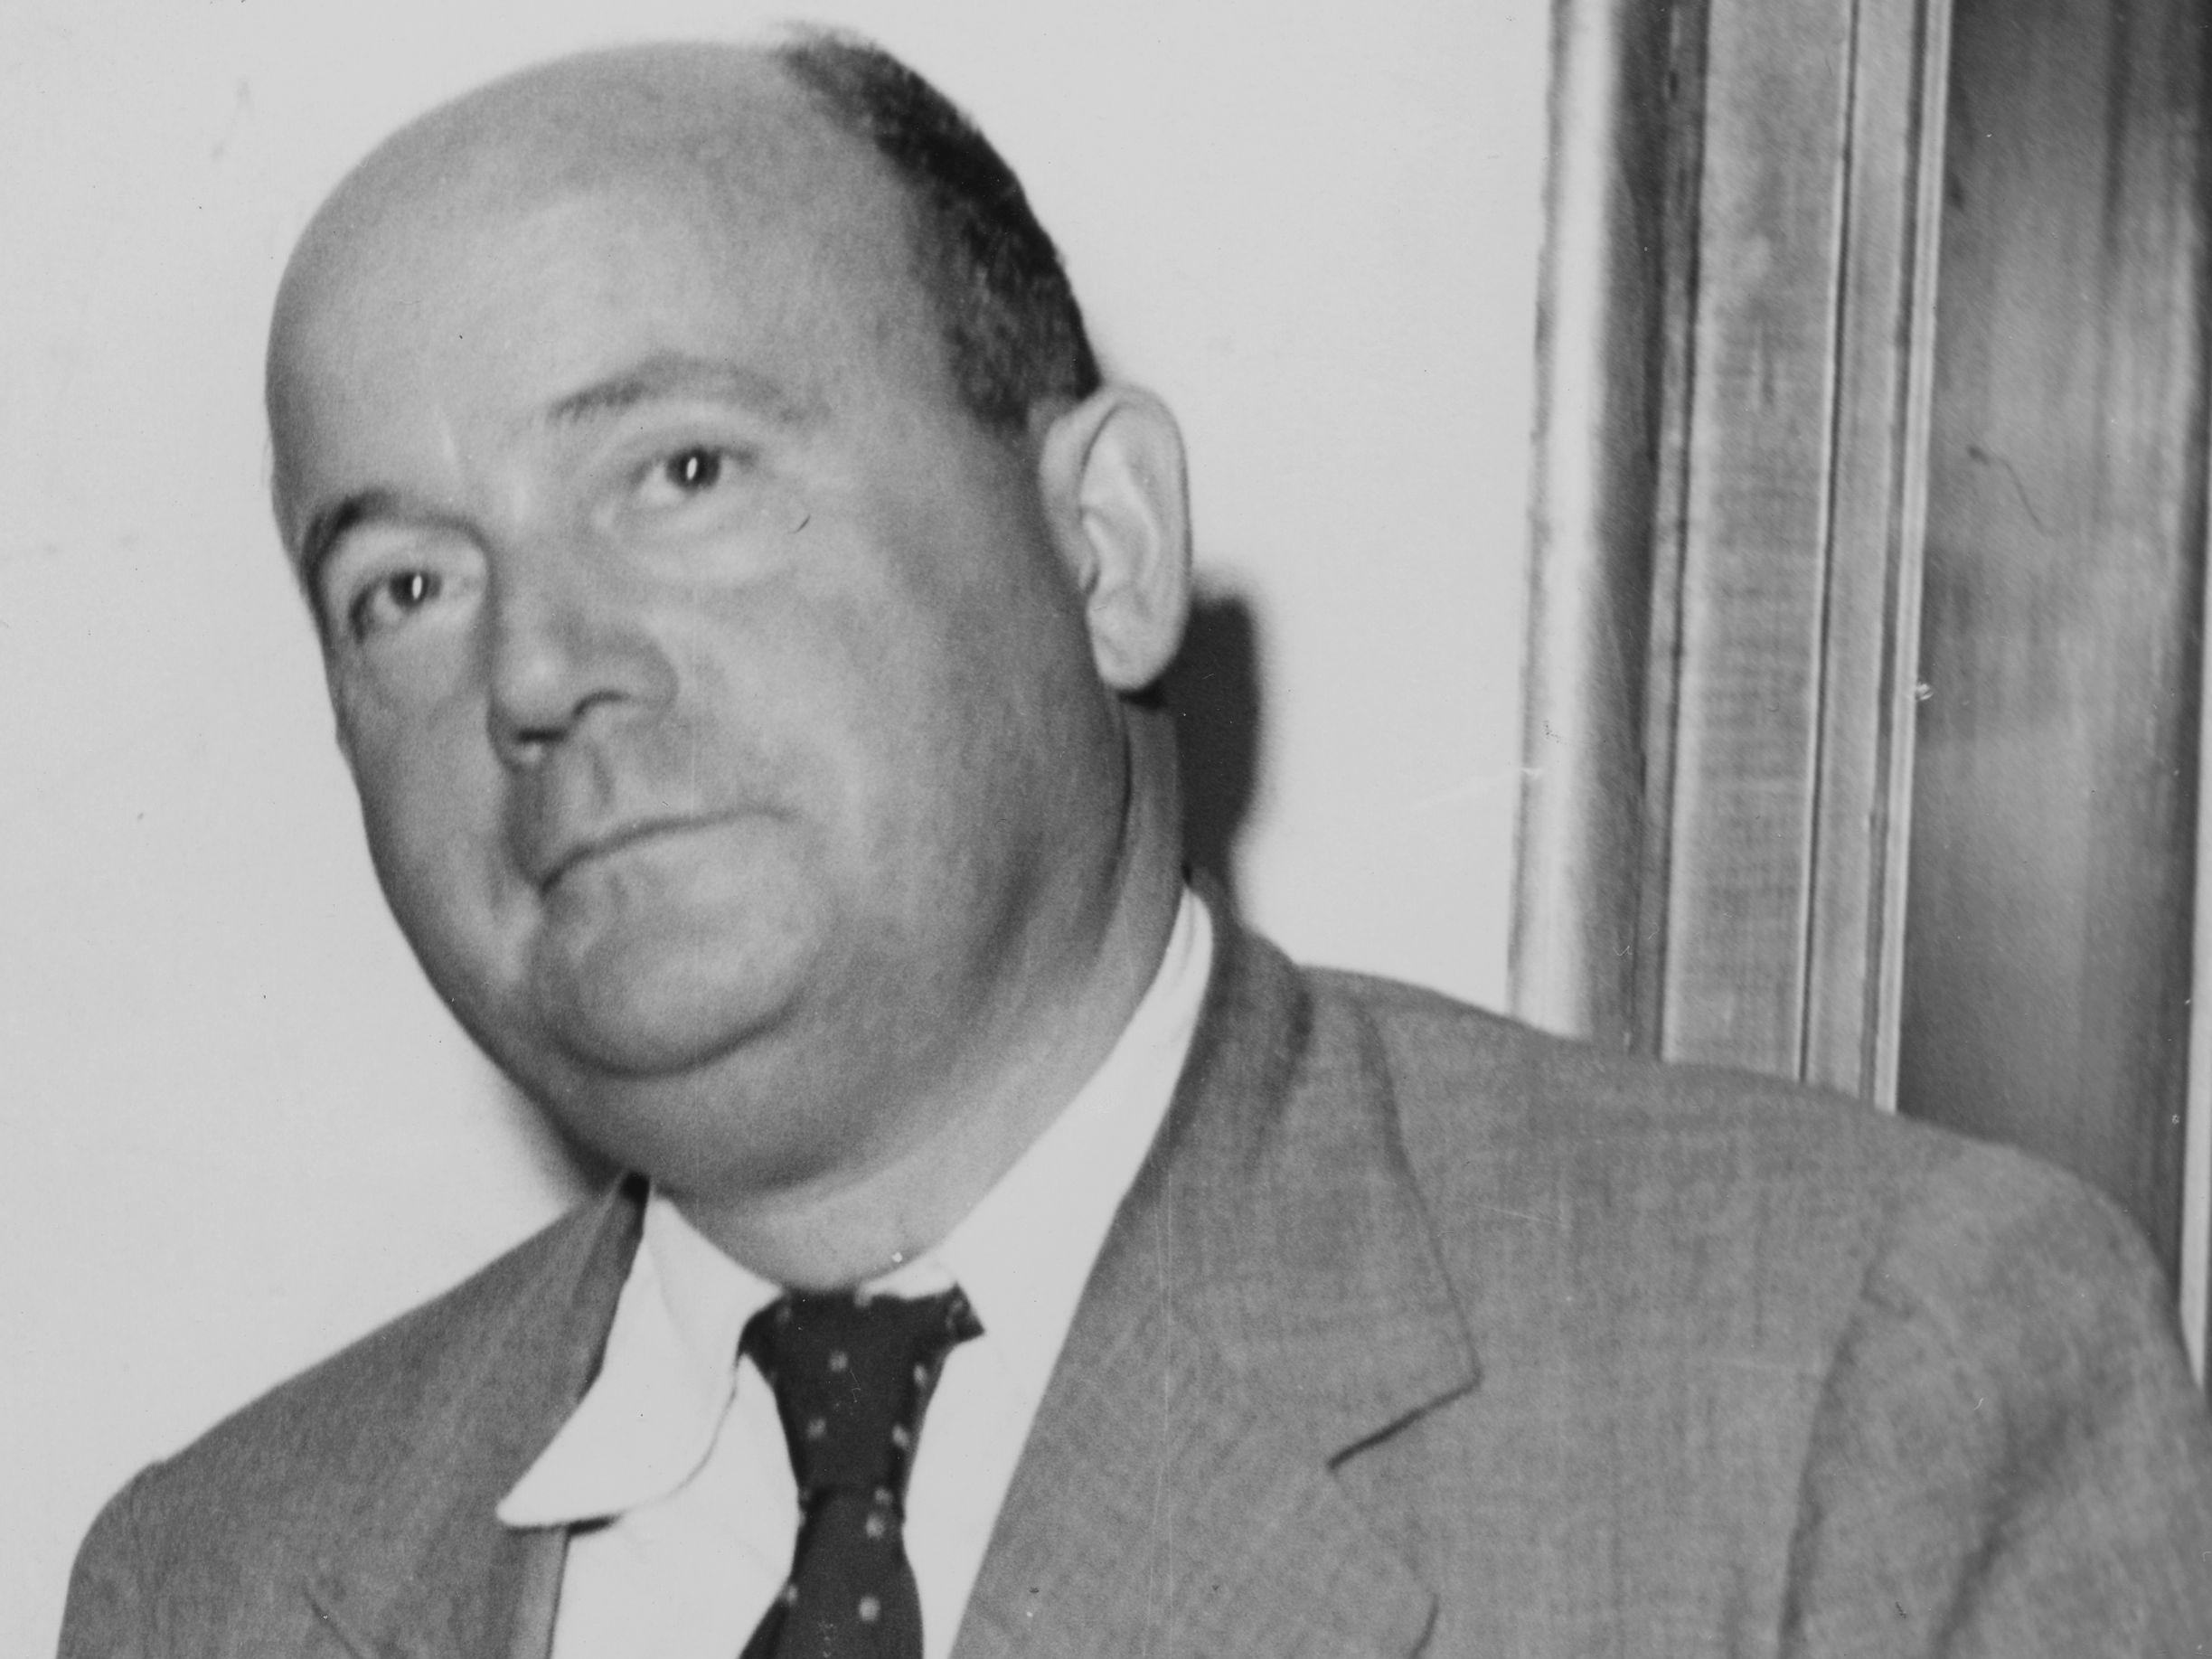 Portrait von Dr. Adolf Wolfard, Chefredakteur der Bremer Nachrichten, Schwarz-Weiß-Fotografie; Quelle: Staatsarchiv Bremen